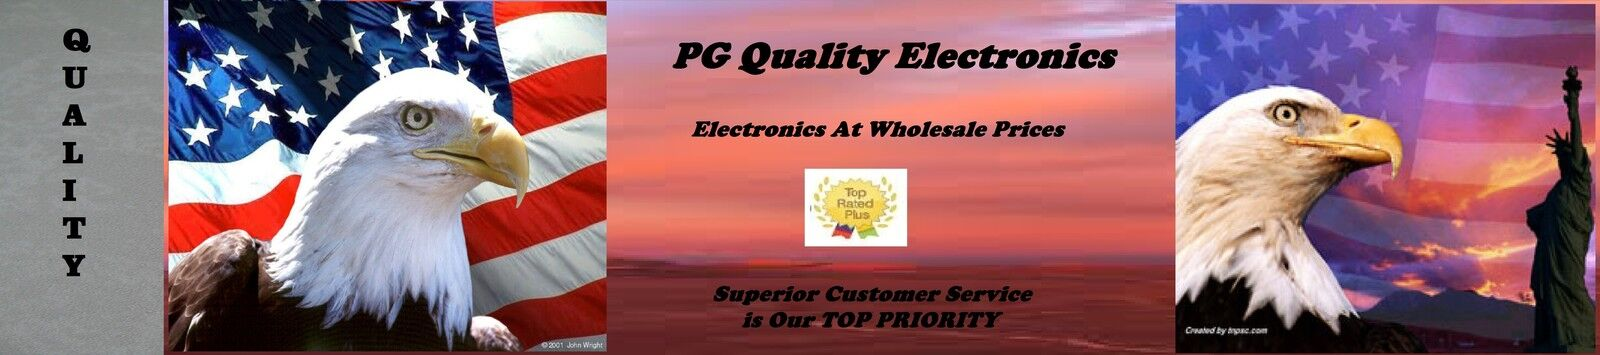 PG Quality Electronics